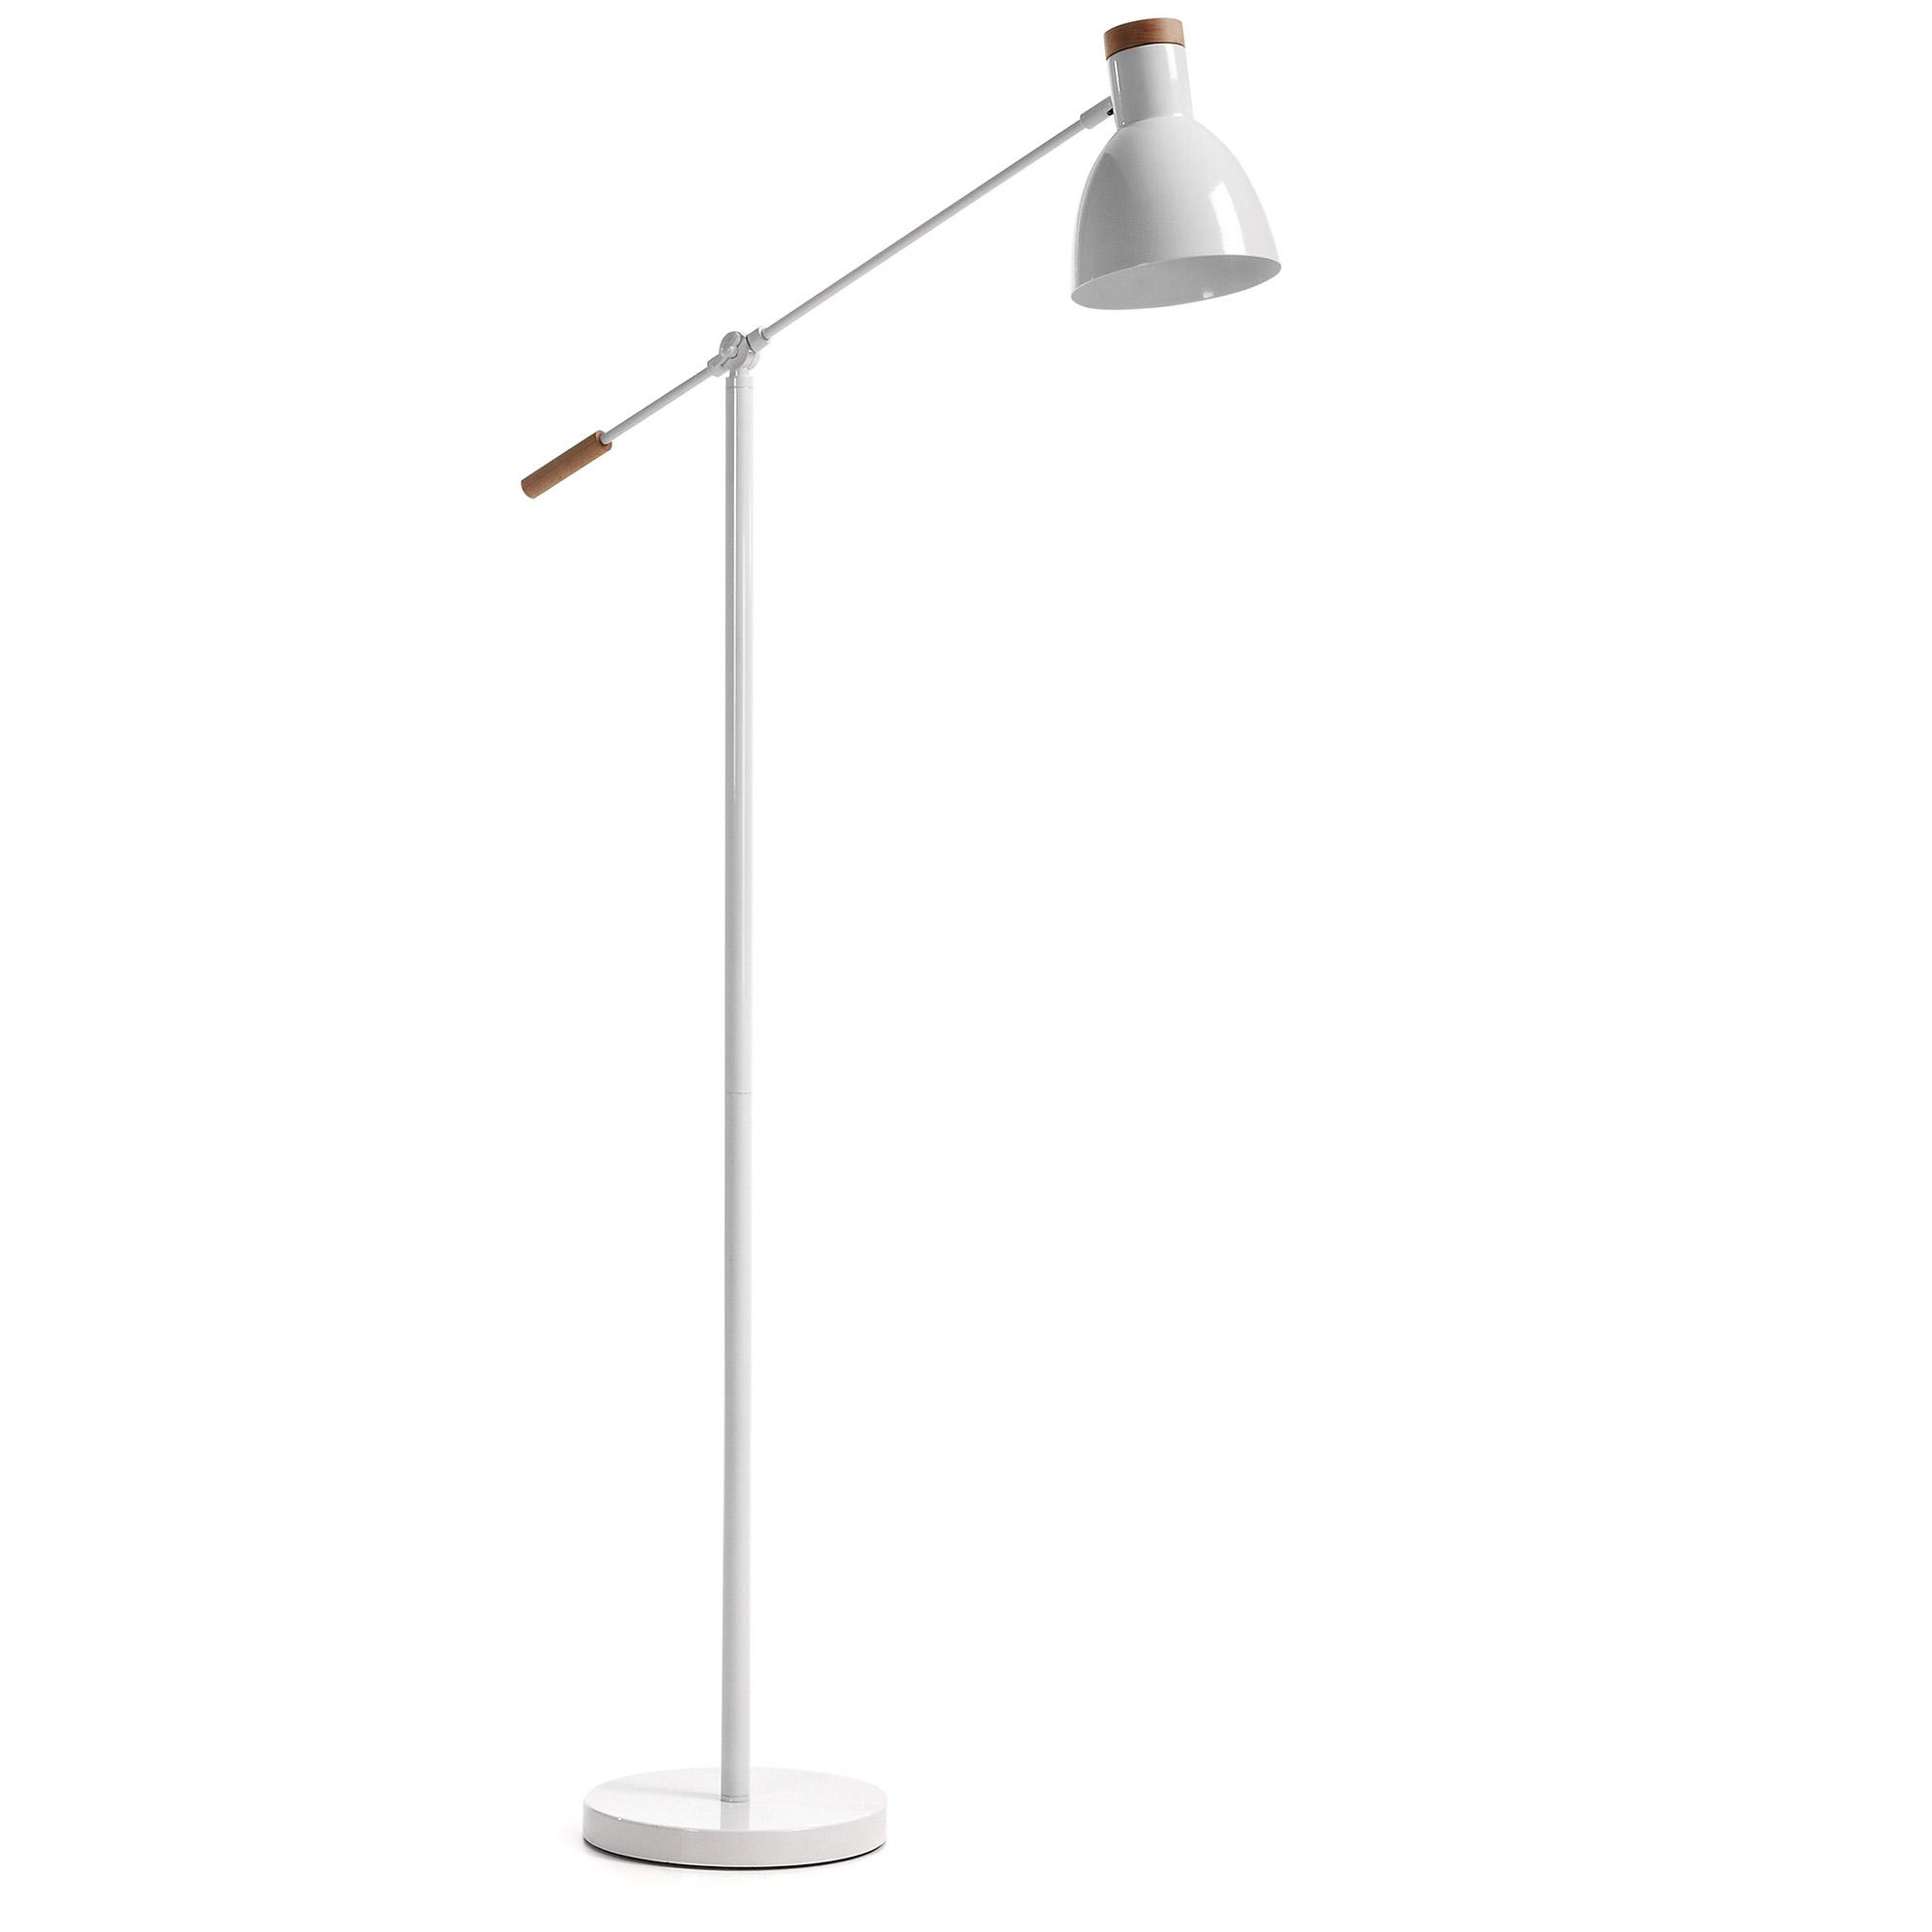 Laforma scarlett gulvlampe - hvid/natur metal/træ fra laforma på boboonline.dk